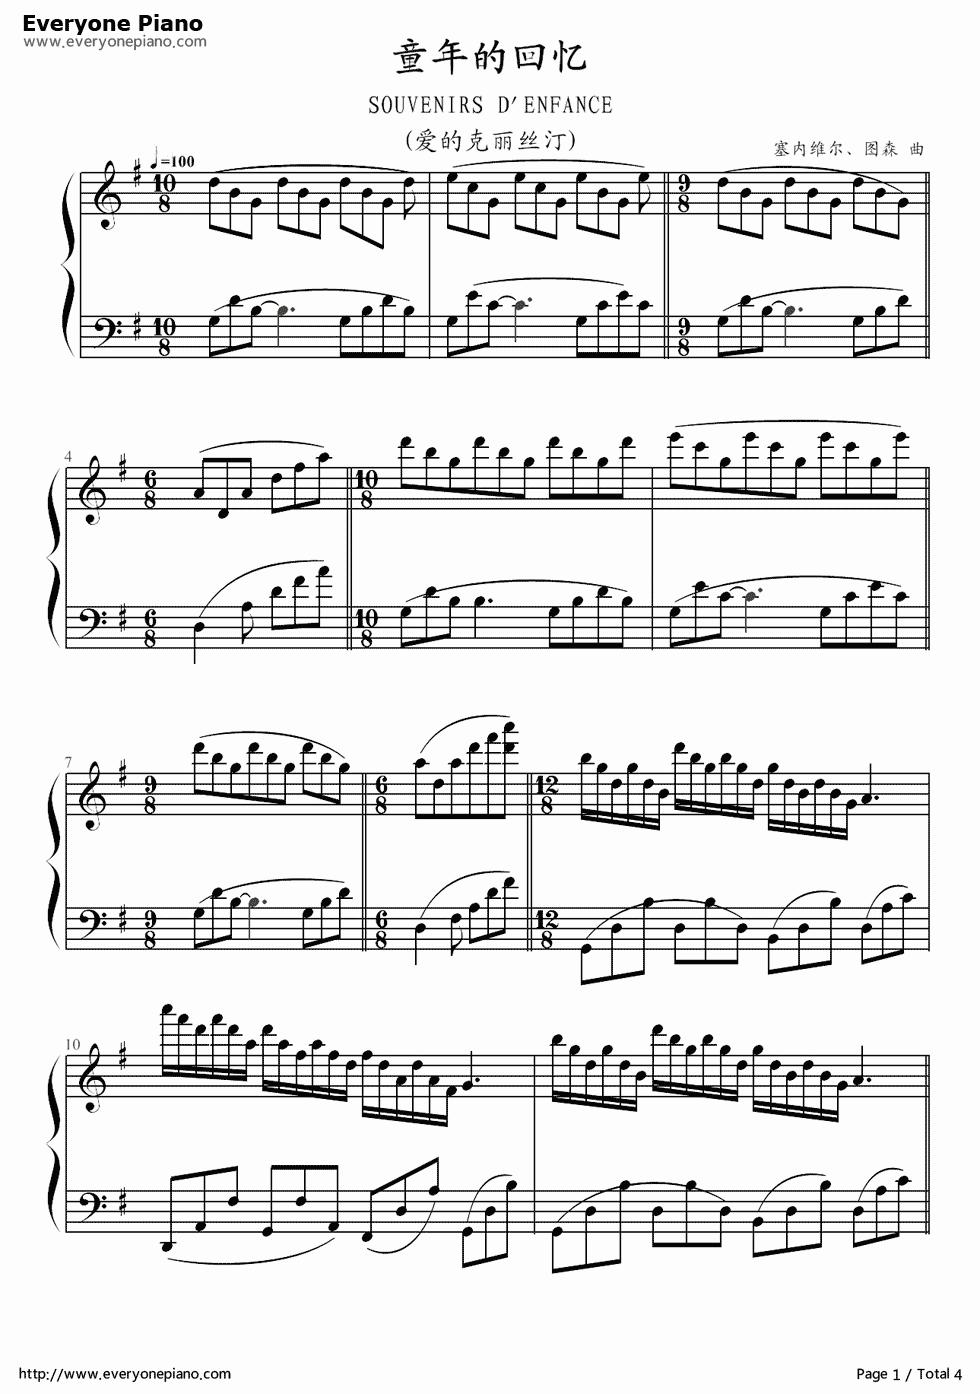 以下是这首乐曲的五线谱(第一页)和简谱,你可以比较一下两种记谱方法图片